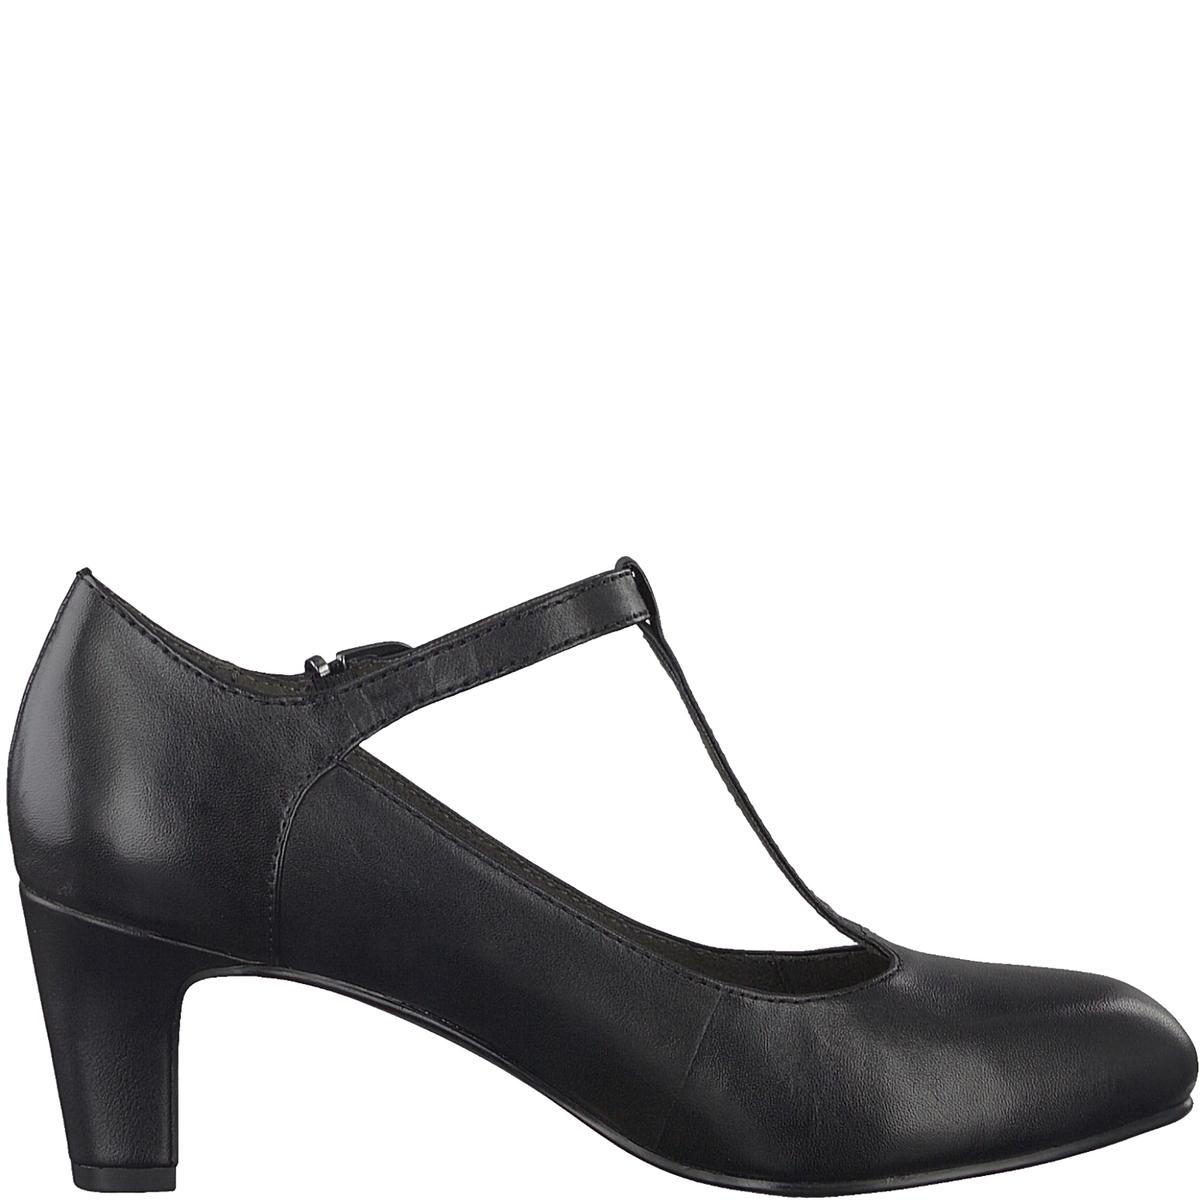 Туфли кожаные CaxiasДетали •  Широкий каблук •  Высота каблука : 6 см •  Застежка : без застежки •  Круглый мысокСостав и уход •  Верх 100% кожа •  Подкладка 50% синтетического материала, 50% текстиля •  Стелька 100% синтетический материал<br><br>Цвет: черный<br>Размер: 39